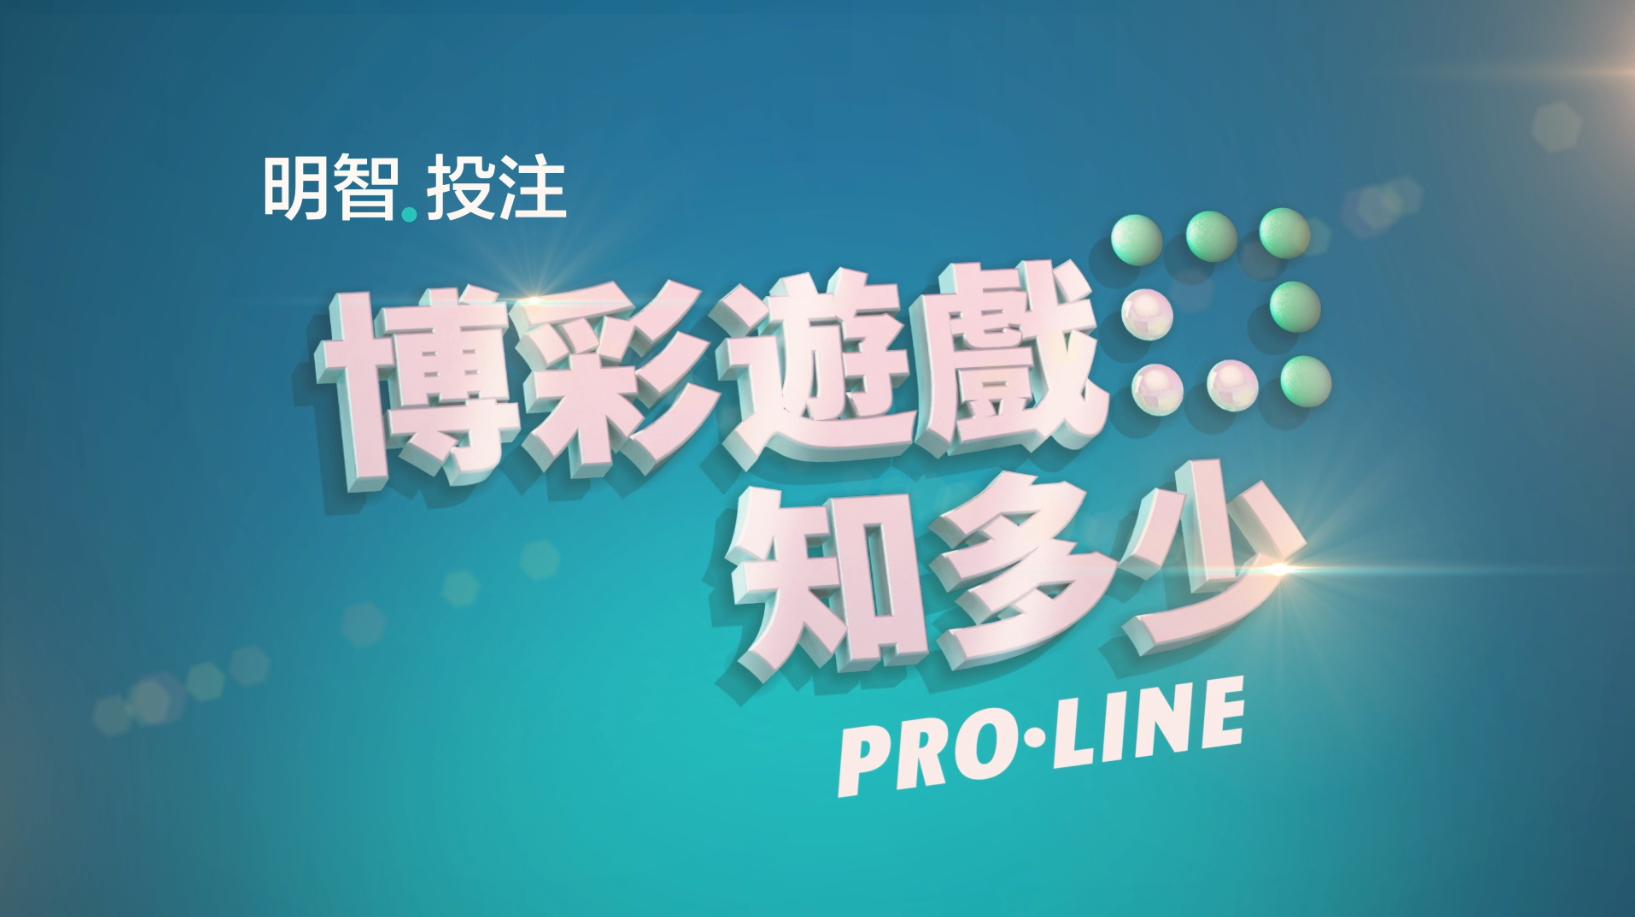 明智投注,了解如何玩PRO•LINE